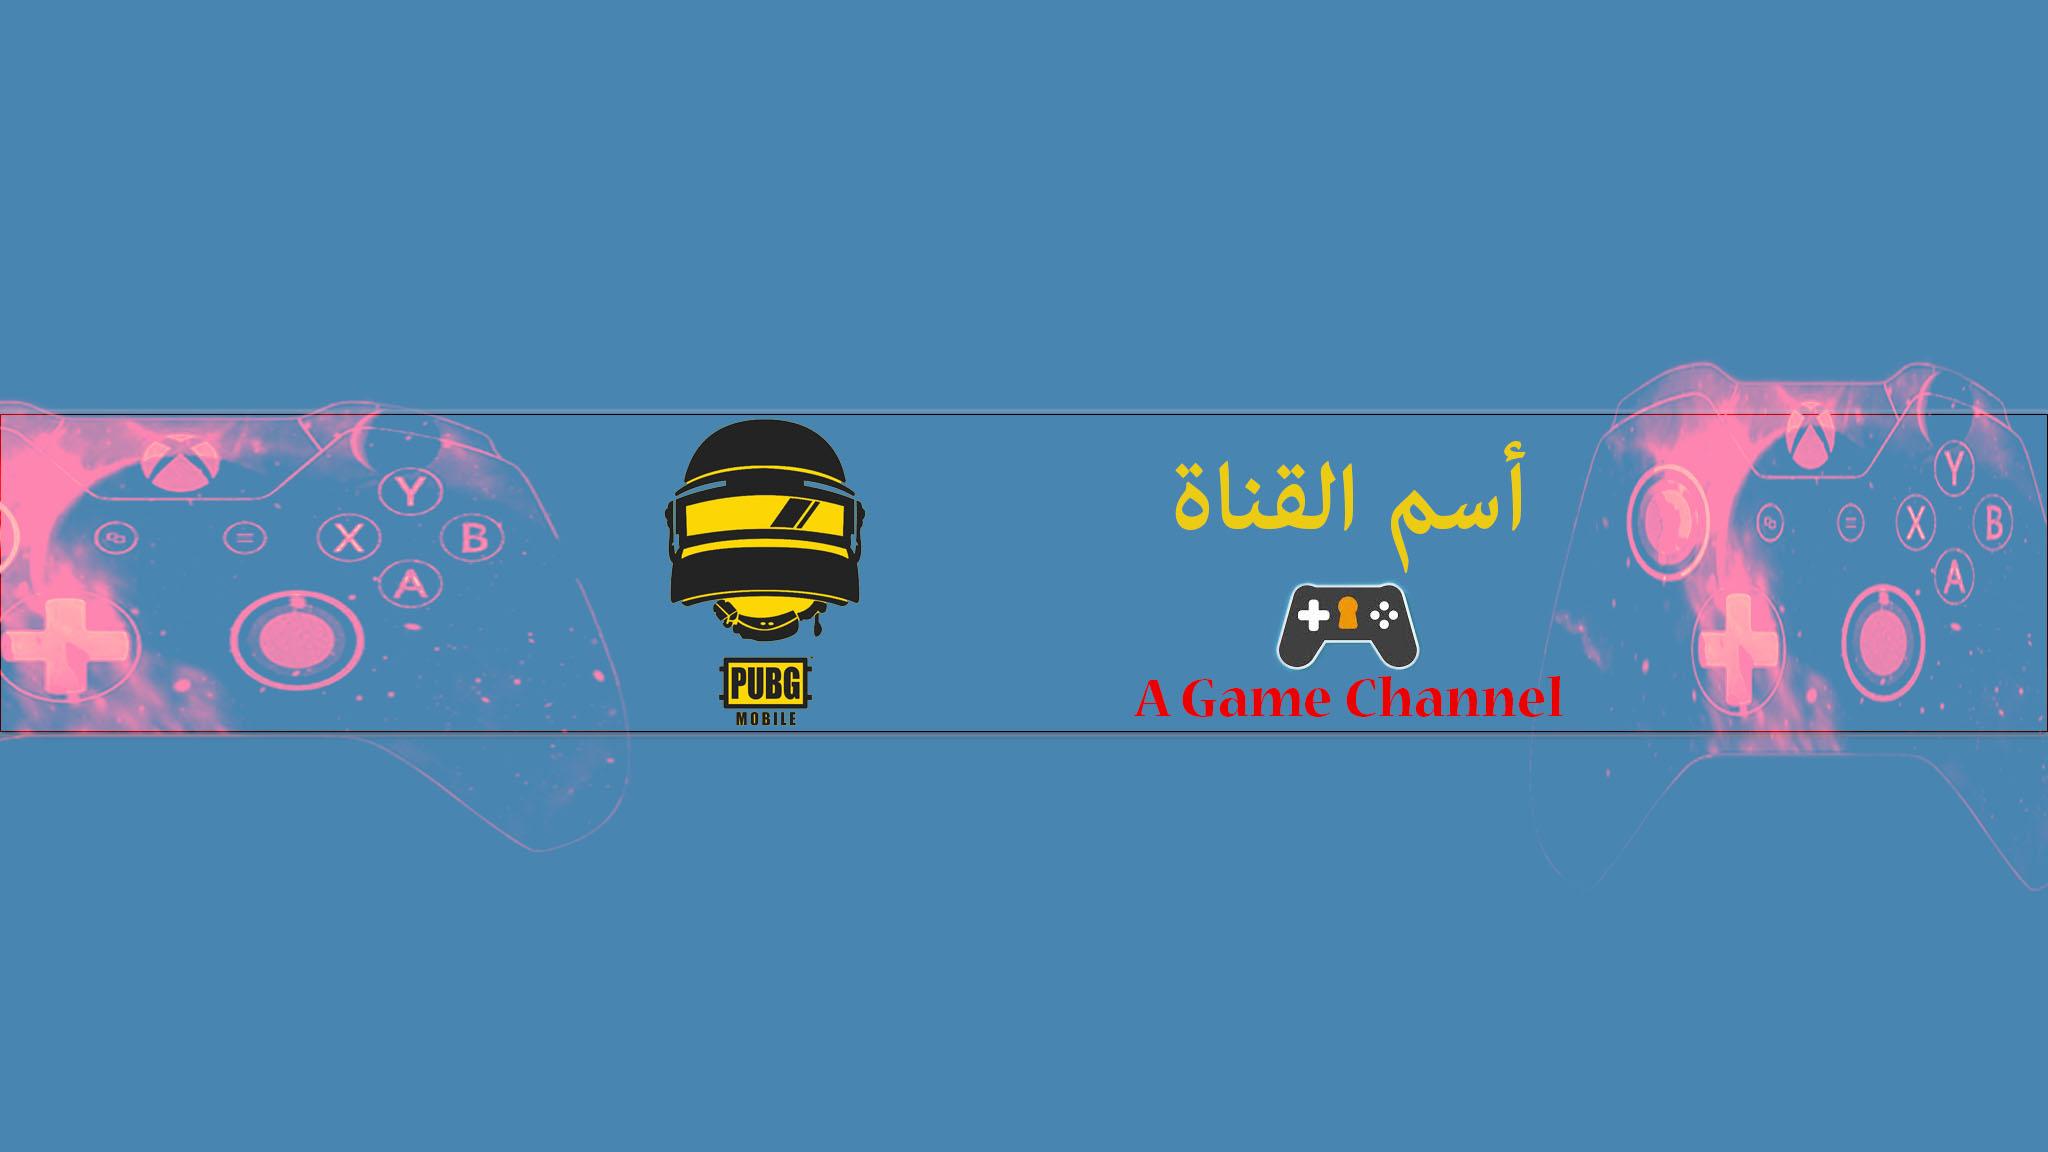 غلاف لقناة اليوتيوب جاهز